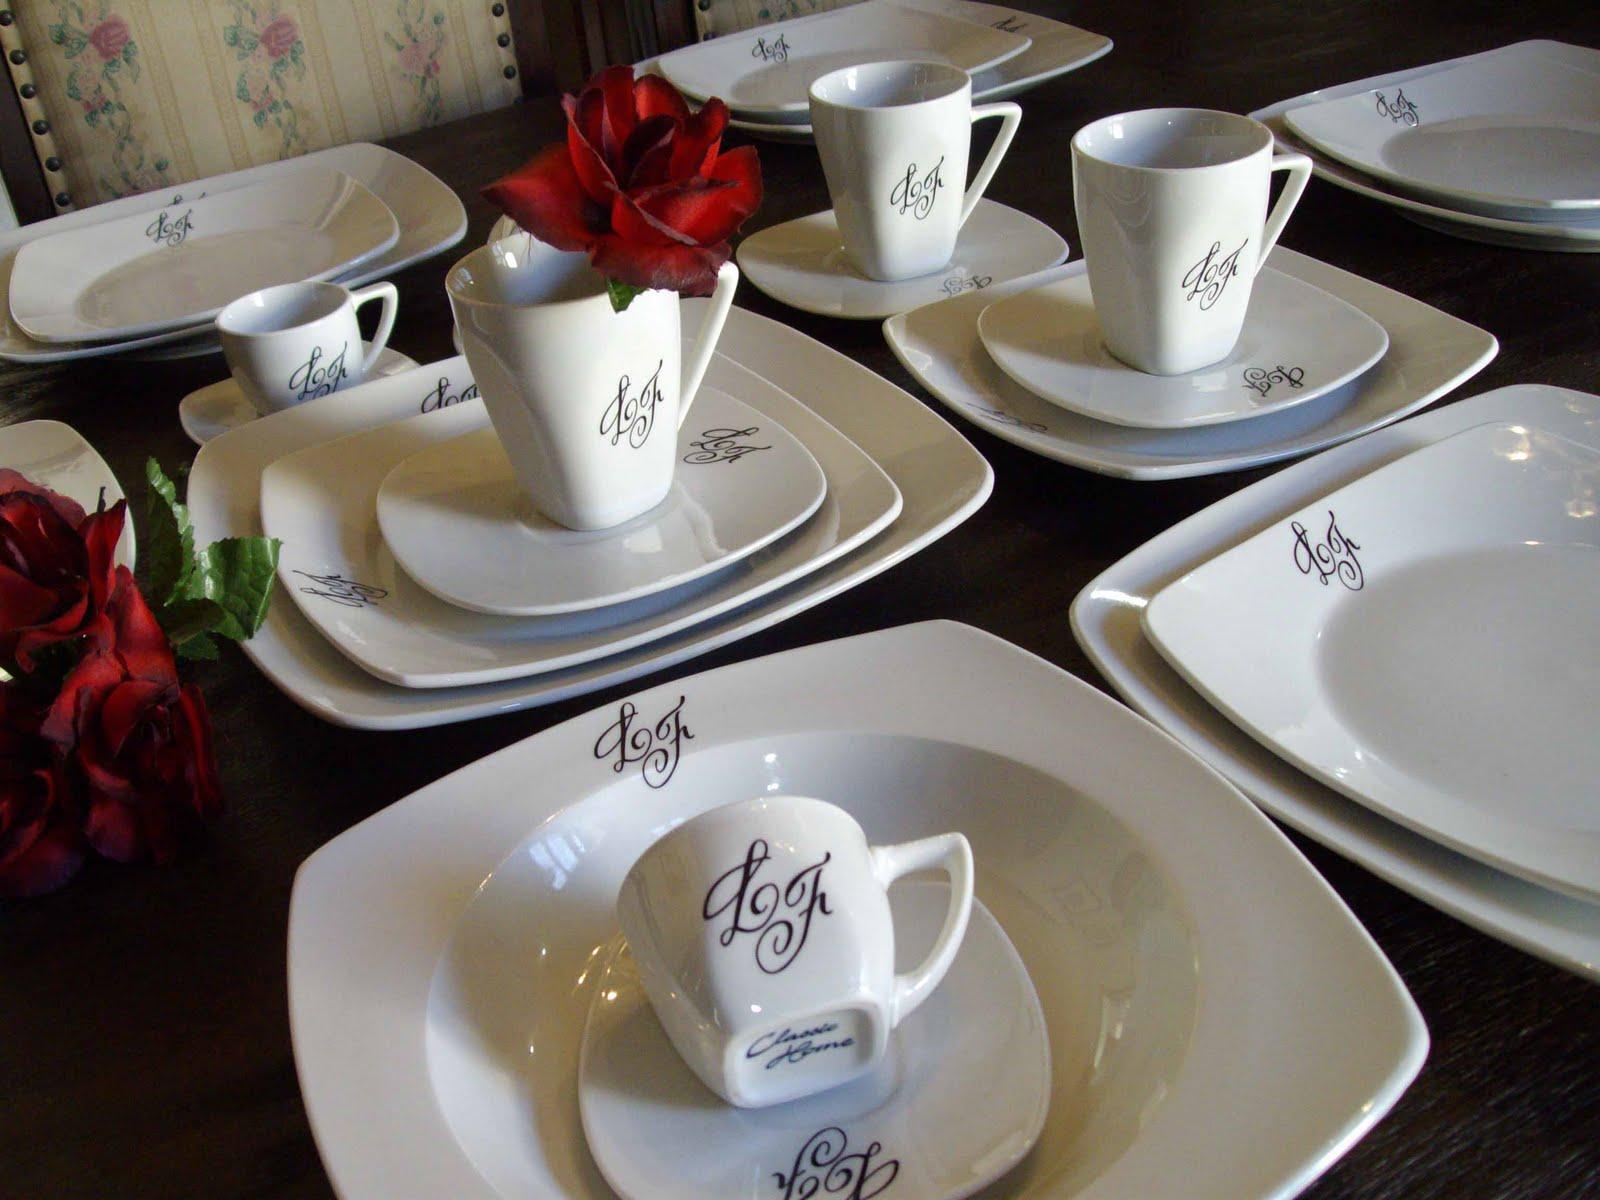 Aparelho de Jantar de Porcelana #682F27 1600x1200